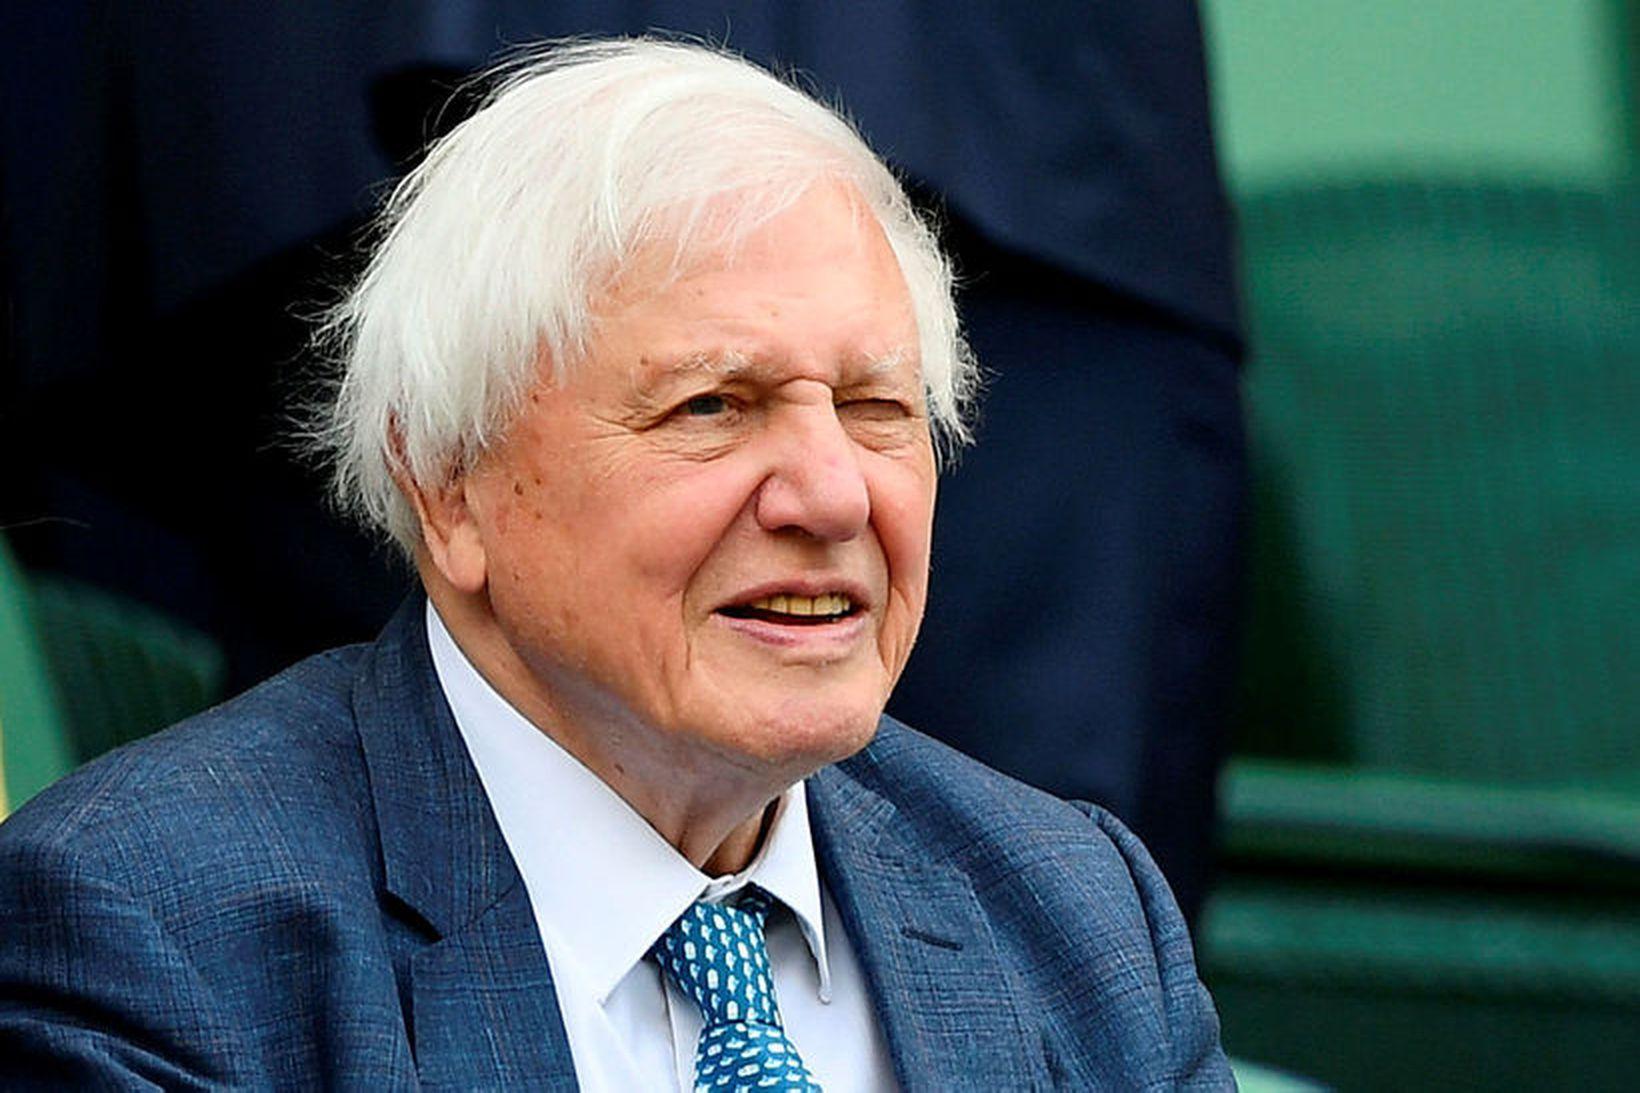 Sir David Attenborough.